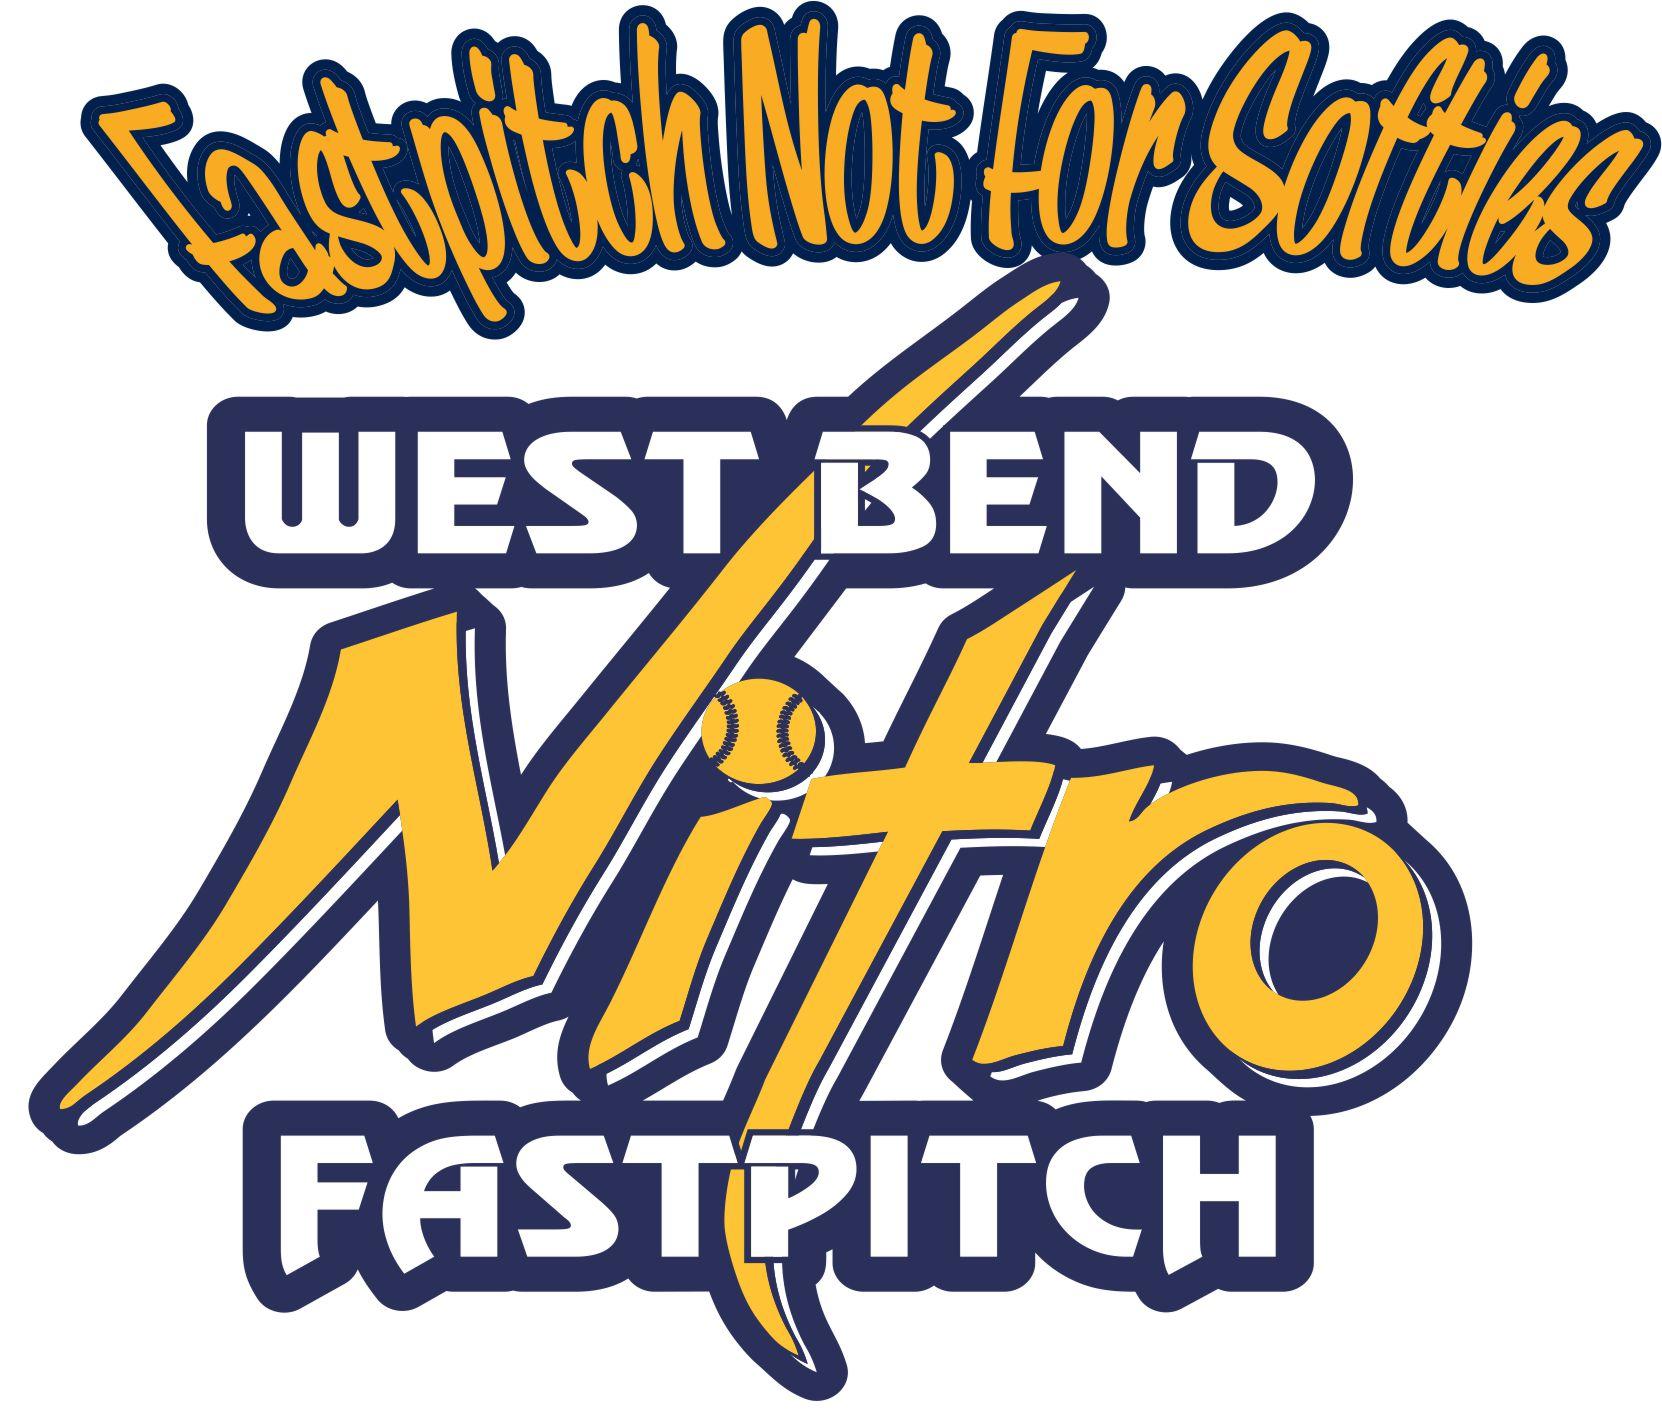 West Bend Nitro Fastpitch Custom Baseball Car Window ...